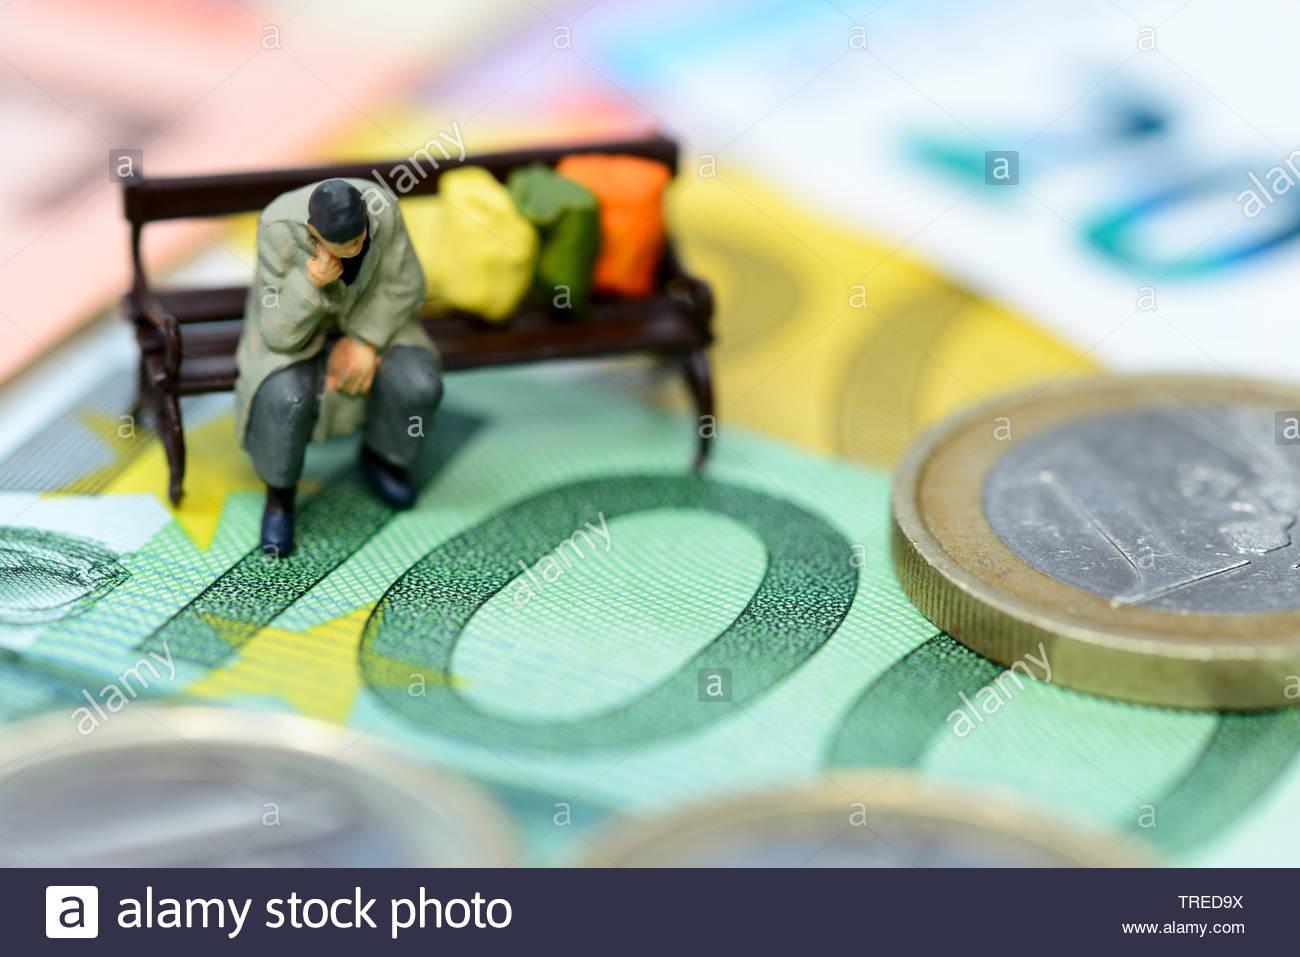 Spielfigur auf einer Parkbank sitzend mit Euroscheinen im Hintergrund - Altersarmut | Toy figure sitting on a park bench on tp of Euro bills - elderly - Stock Image